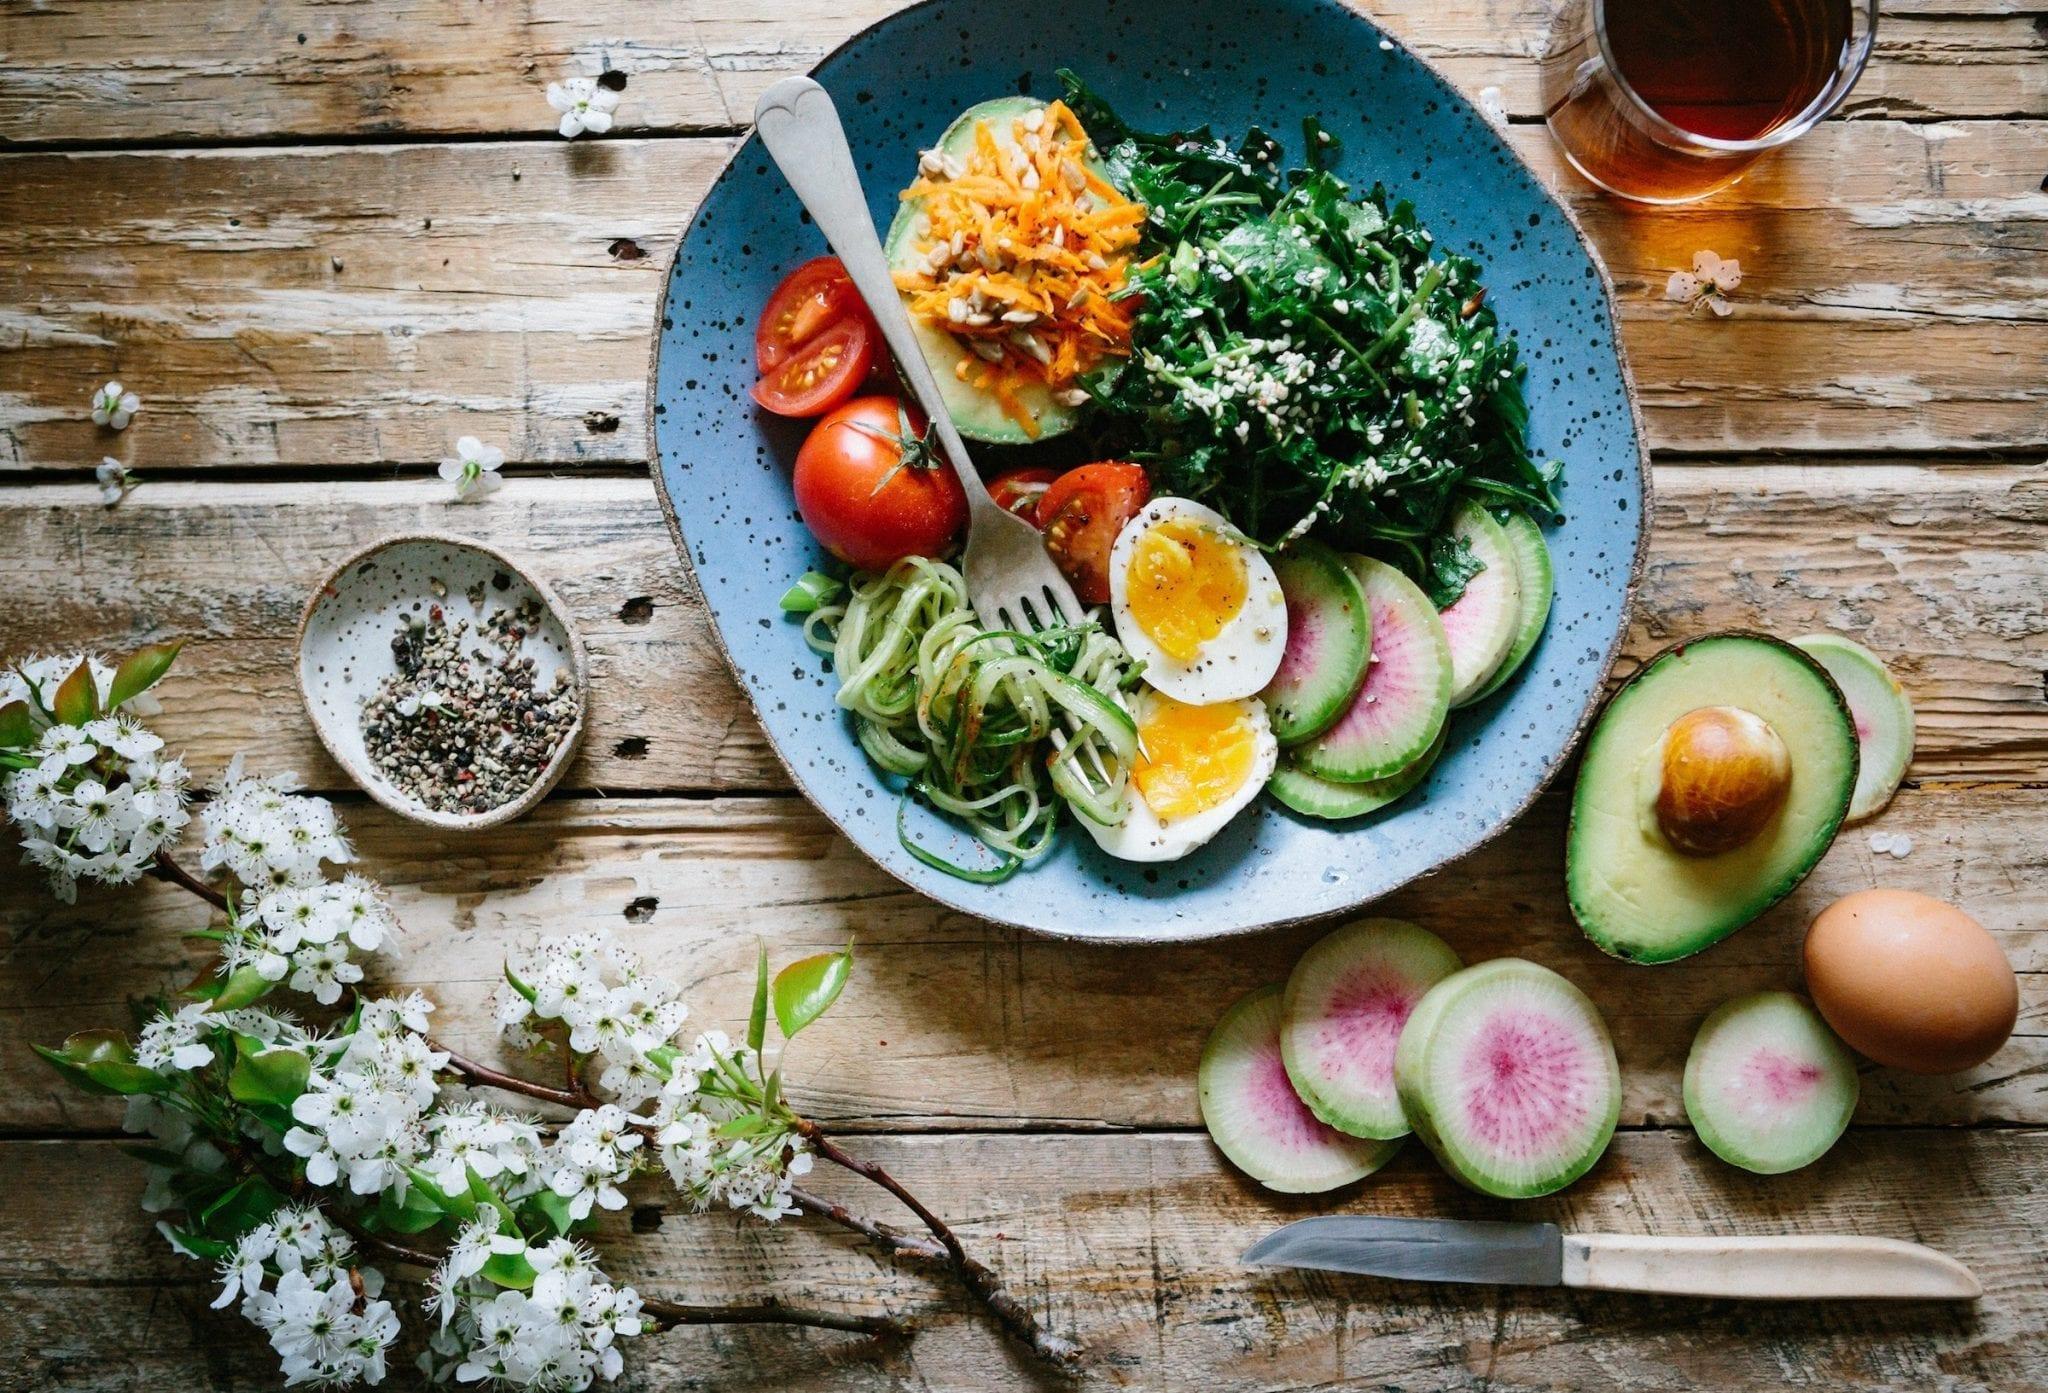 Avocado Spinach & Zucchini Salad